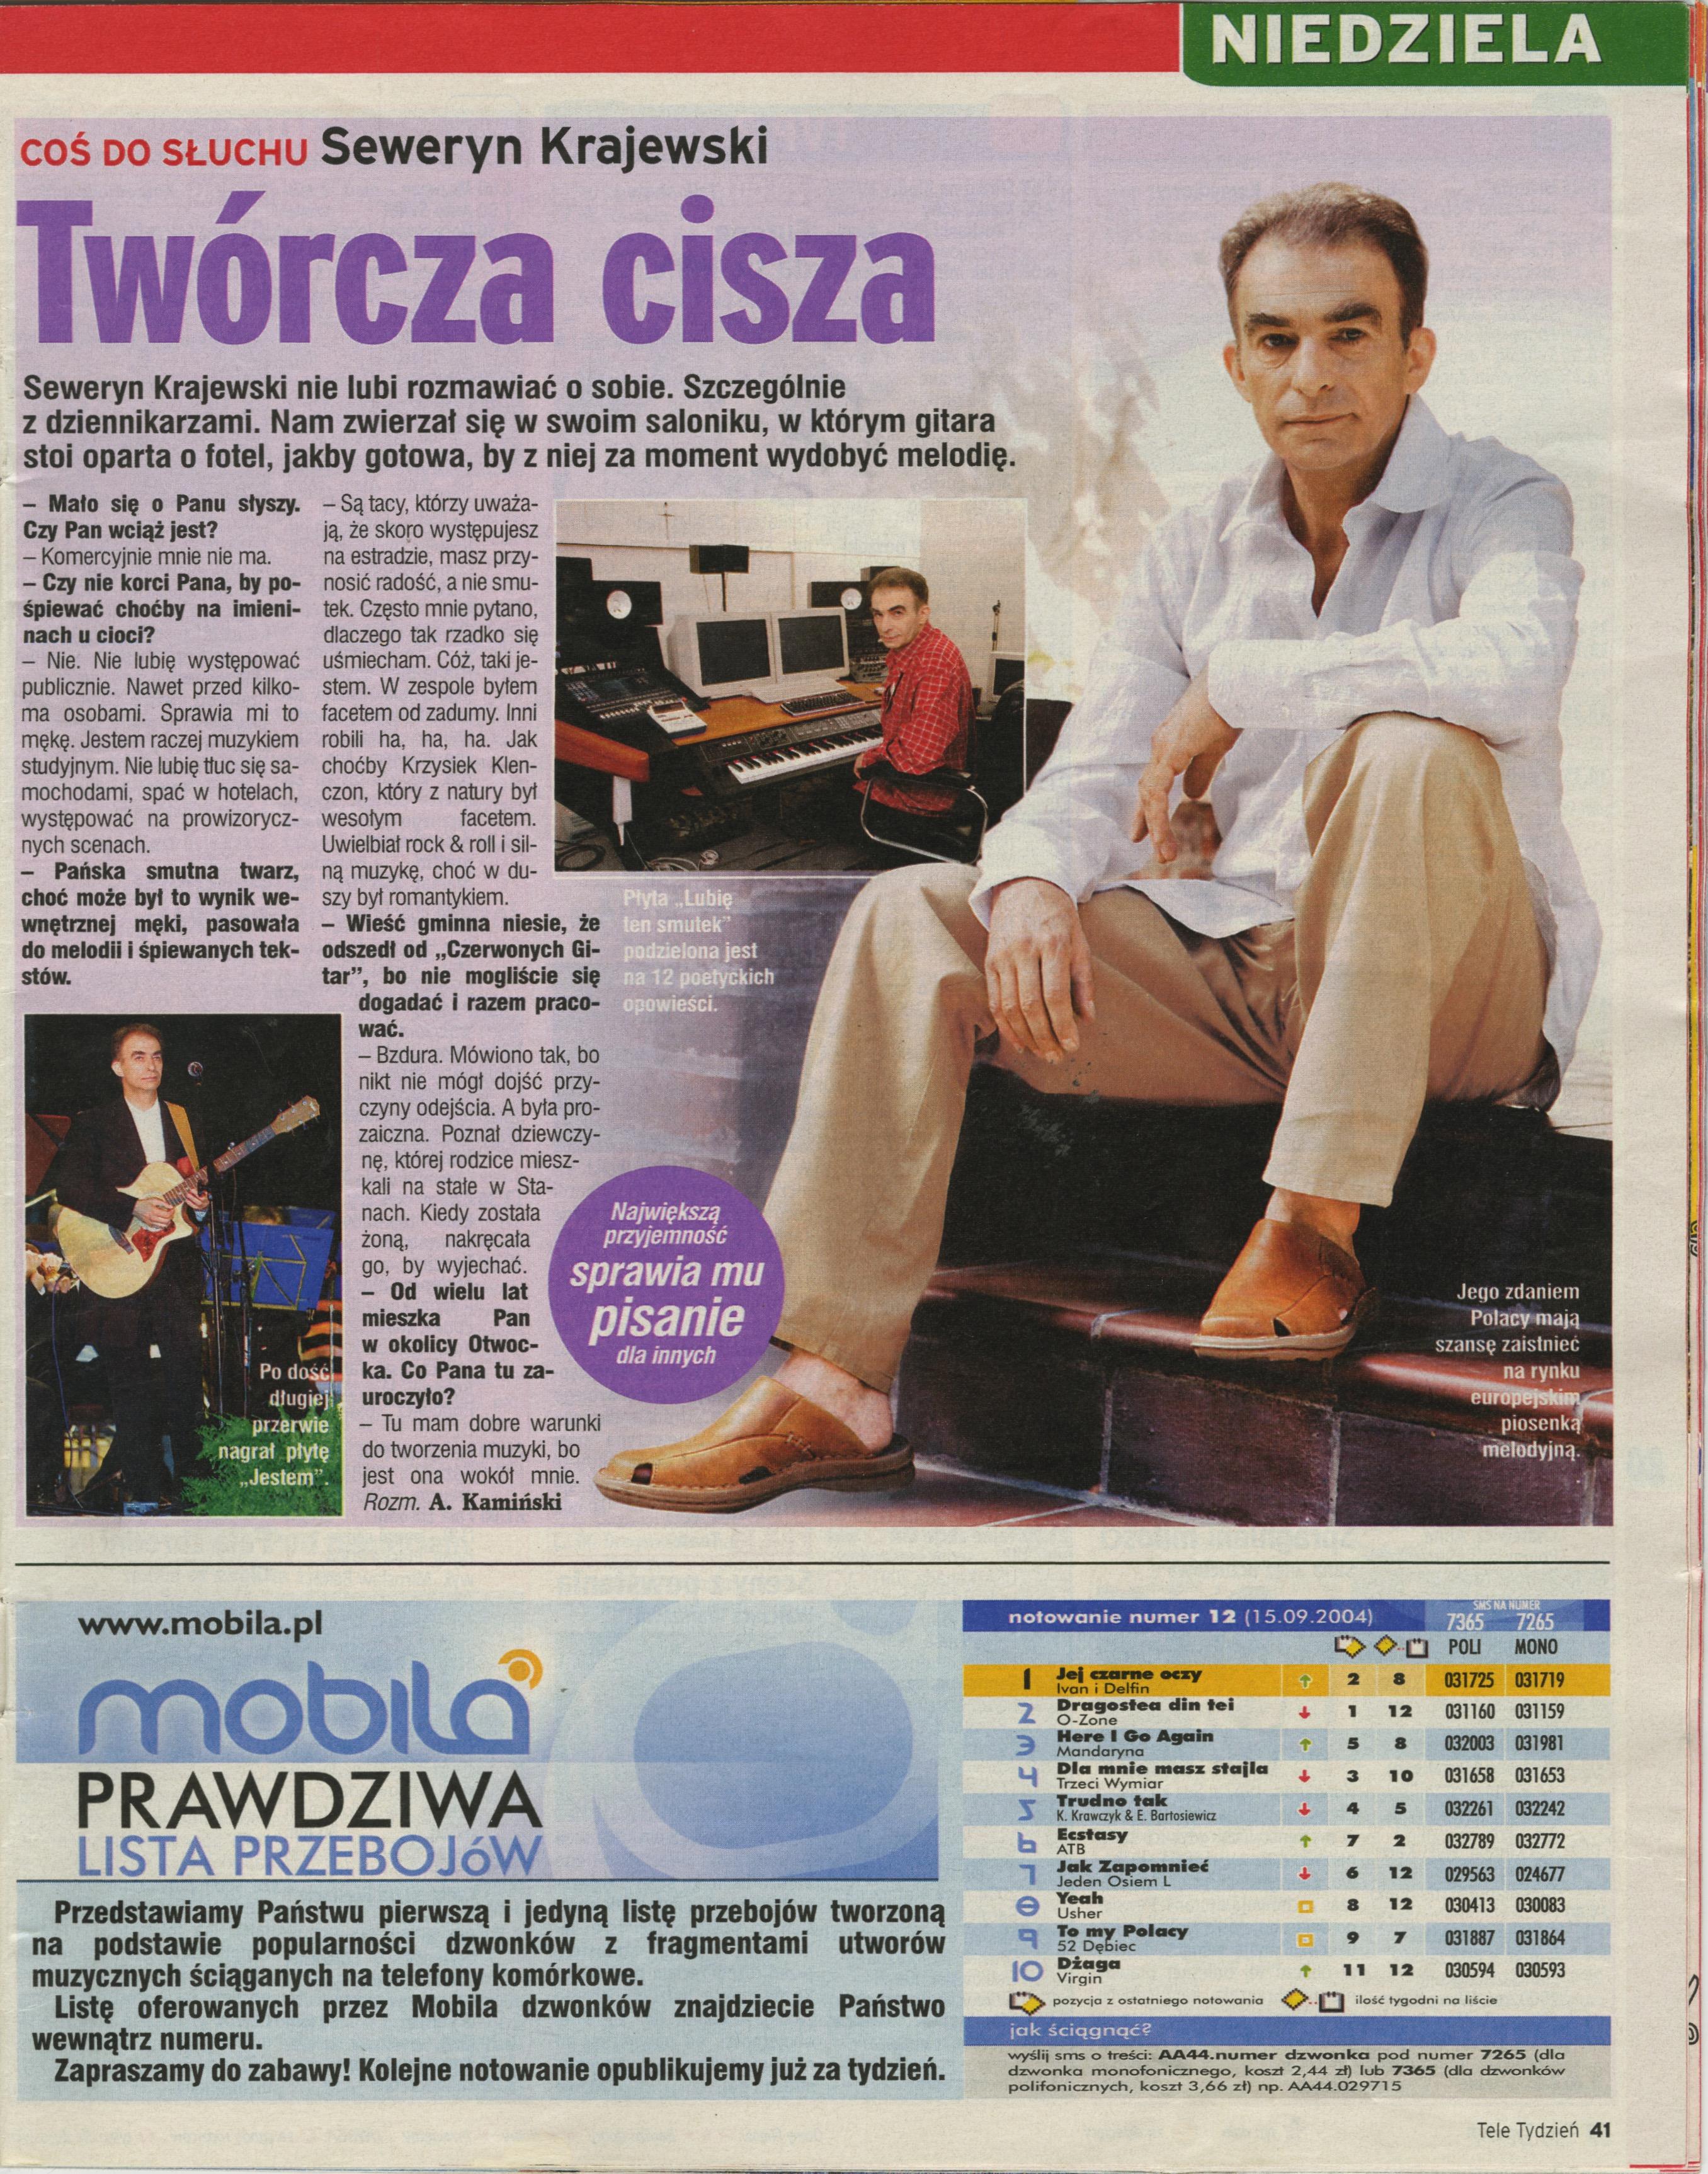 2004-2012-Tele_tydzien_2004_Tworcz_cisza